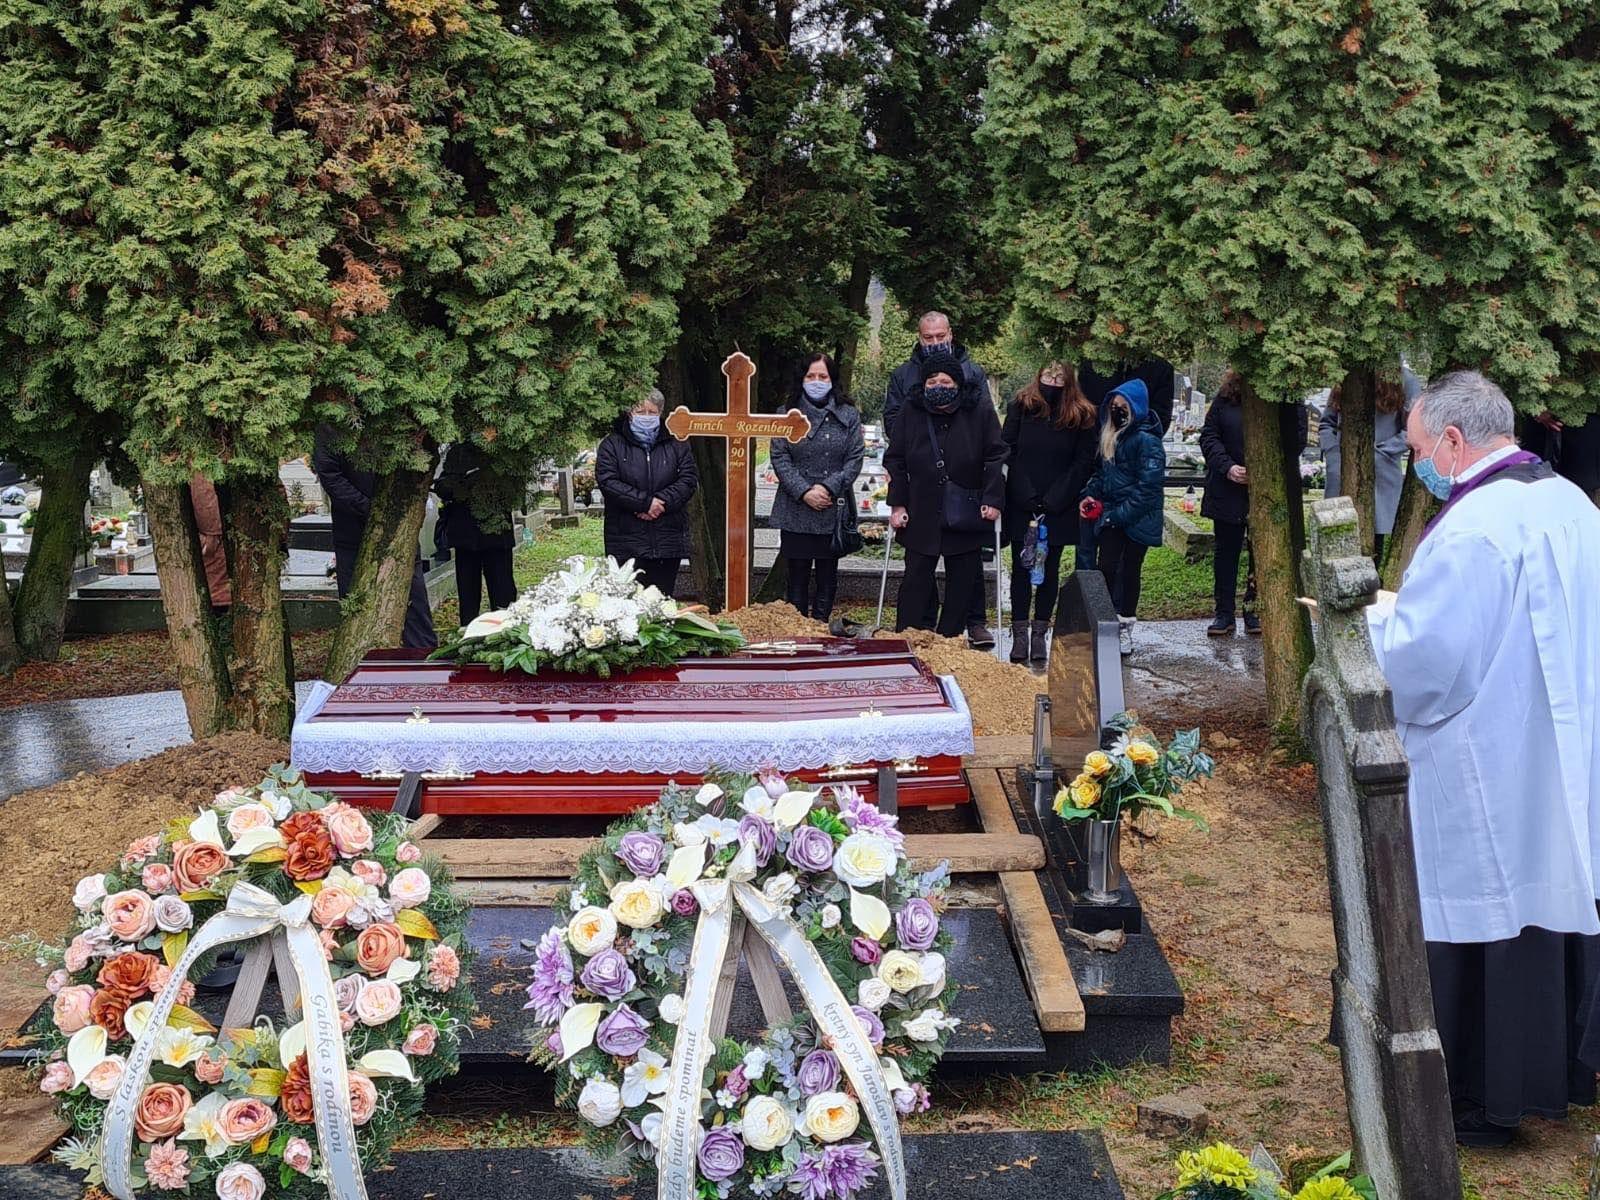 Majiteľ pohrebníctva: Nie je kam ukladať telá nebožtíkov. V tejto dobe je kríza medzi pohrebnými službami.